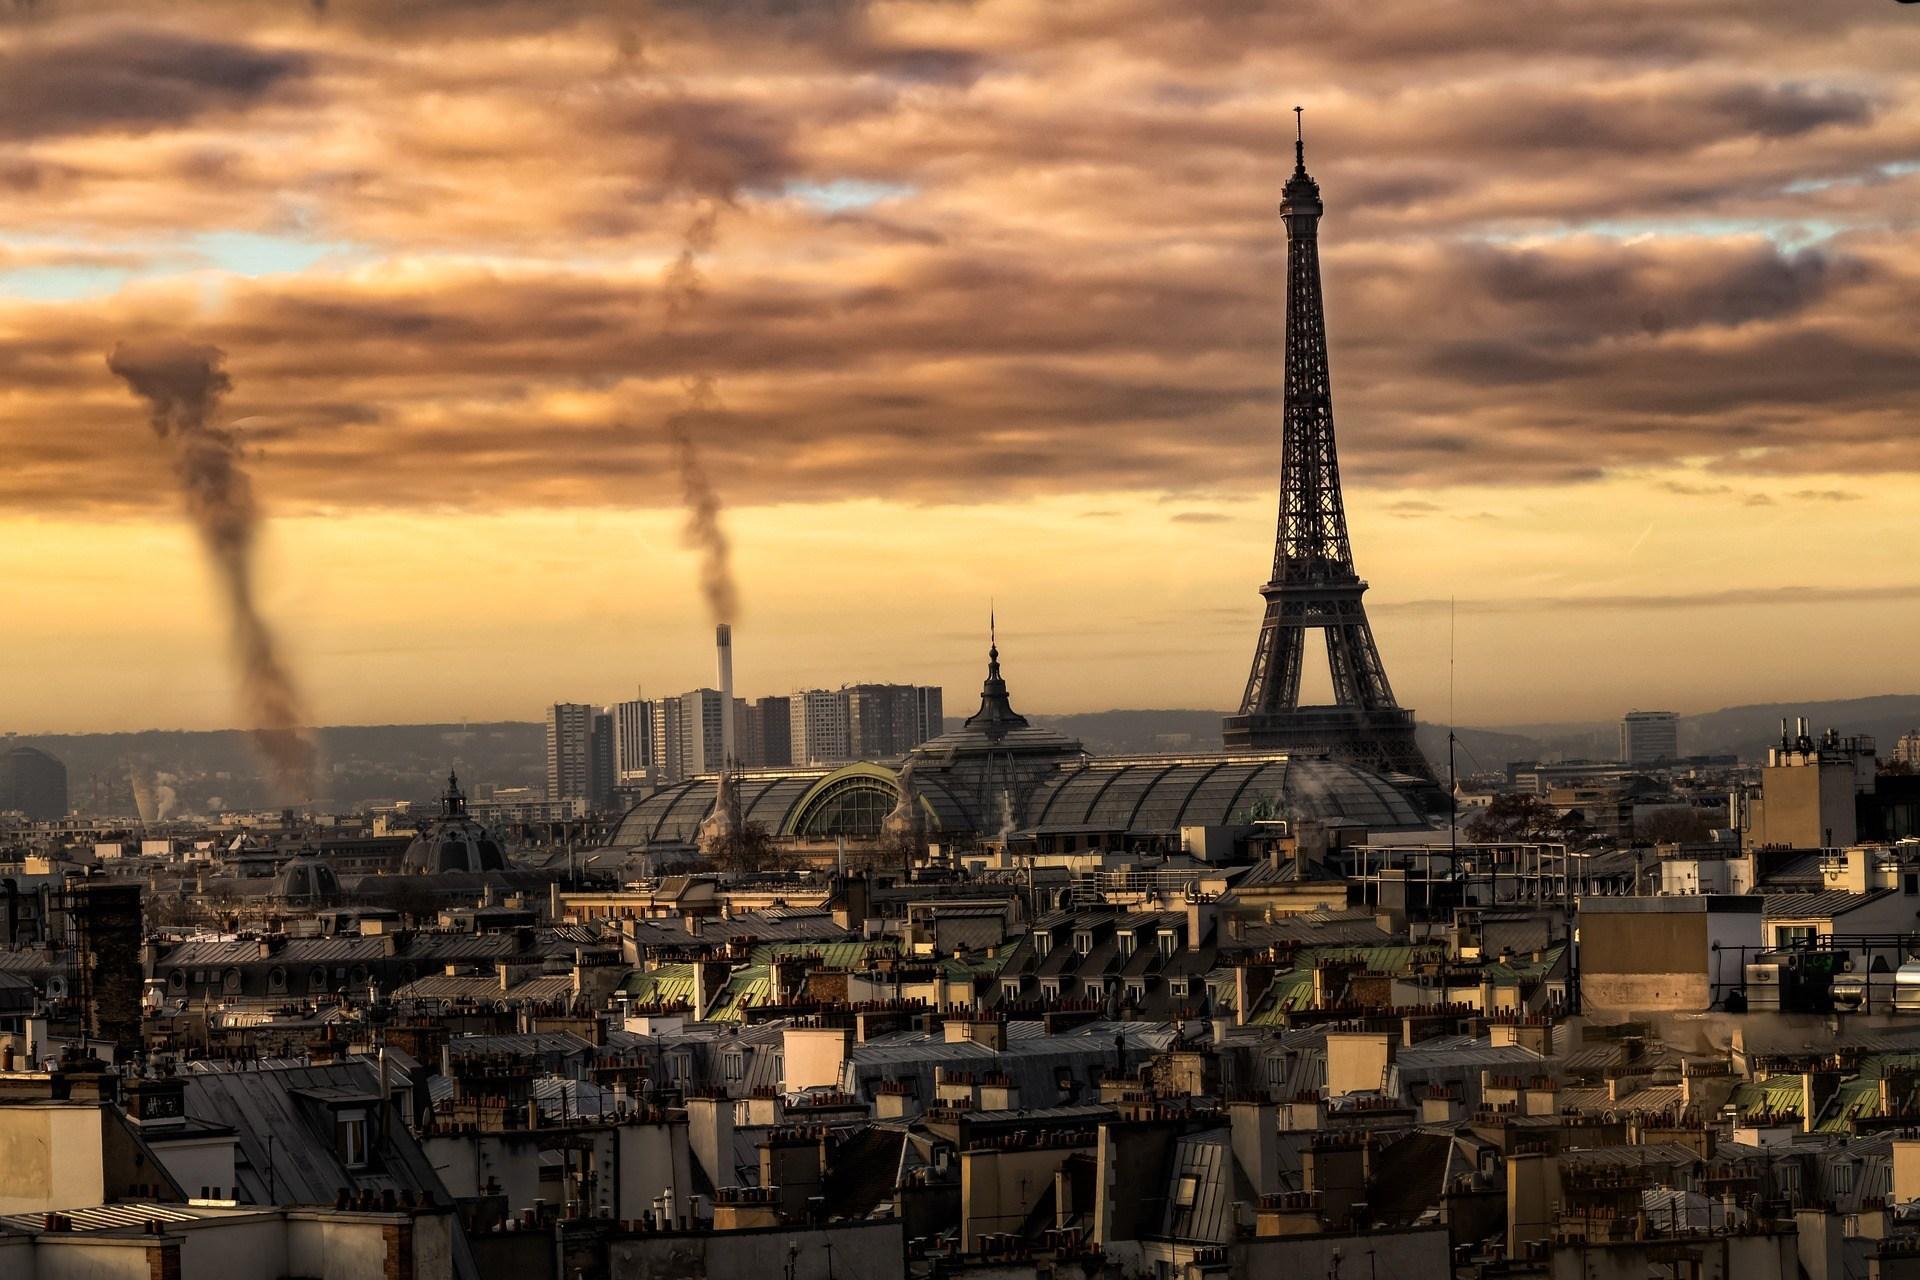 Ảnh tháp Eiffel biểu tượng của nước Pháp